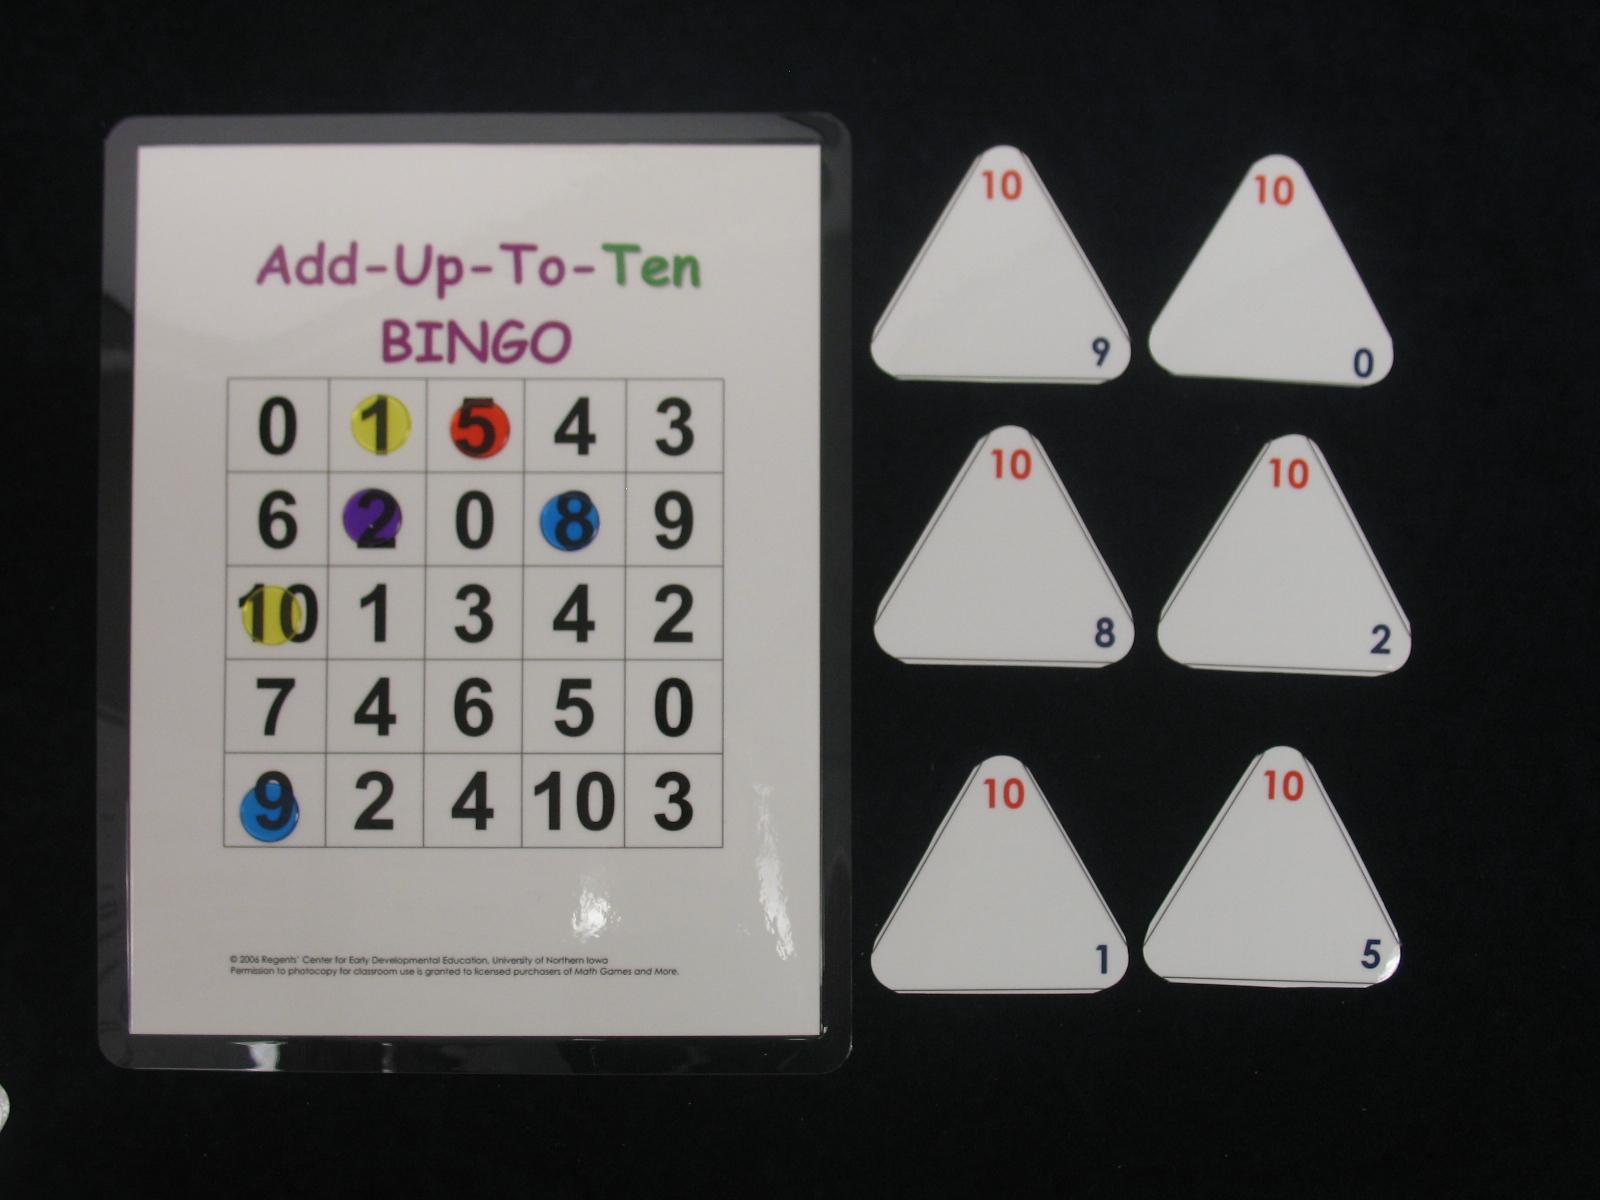 Add Up to 10 Bingo